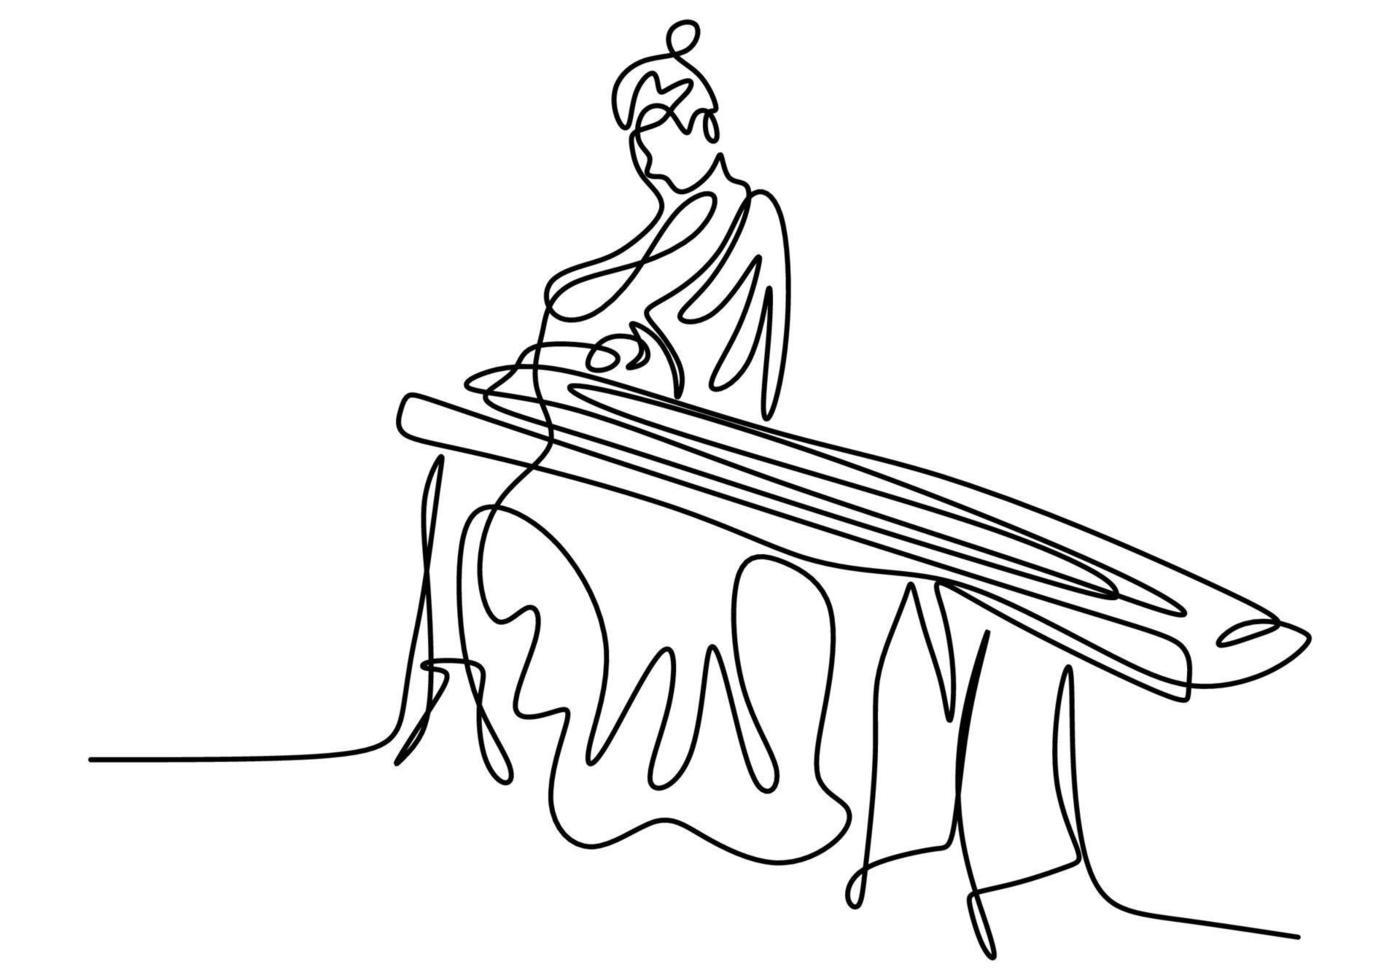 desenho de linha contínua de mulher com koto, música tradicional japonesa. uma linda garota vestindo um quimono está sentada enquanto toca um instrumento musical tradicional. vetor